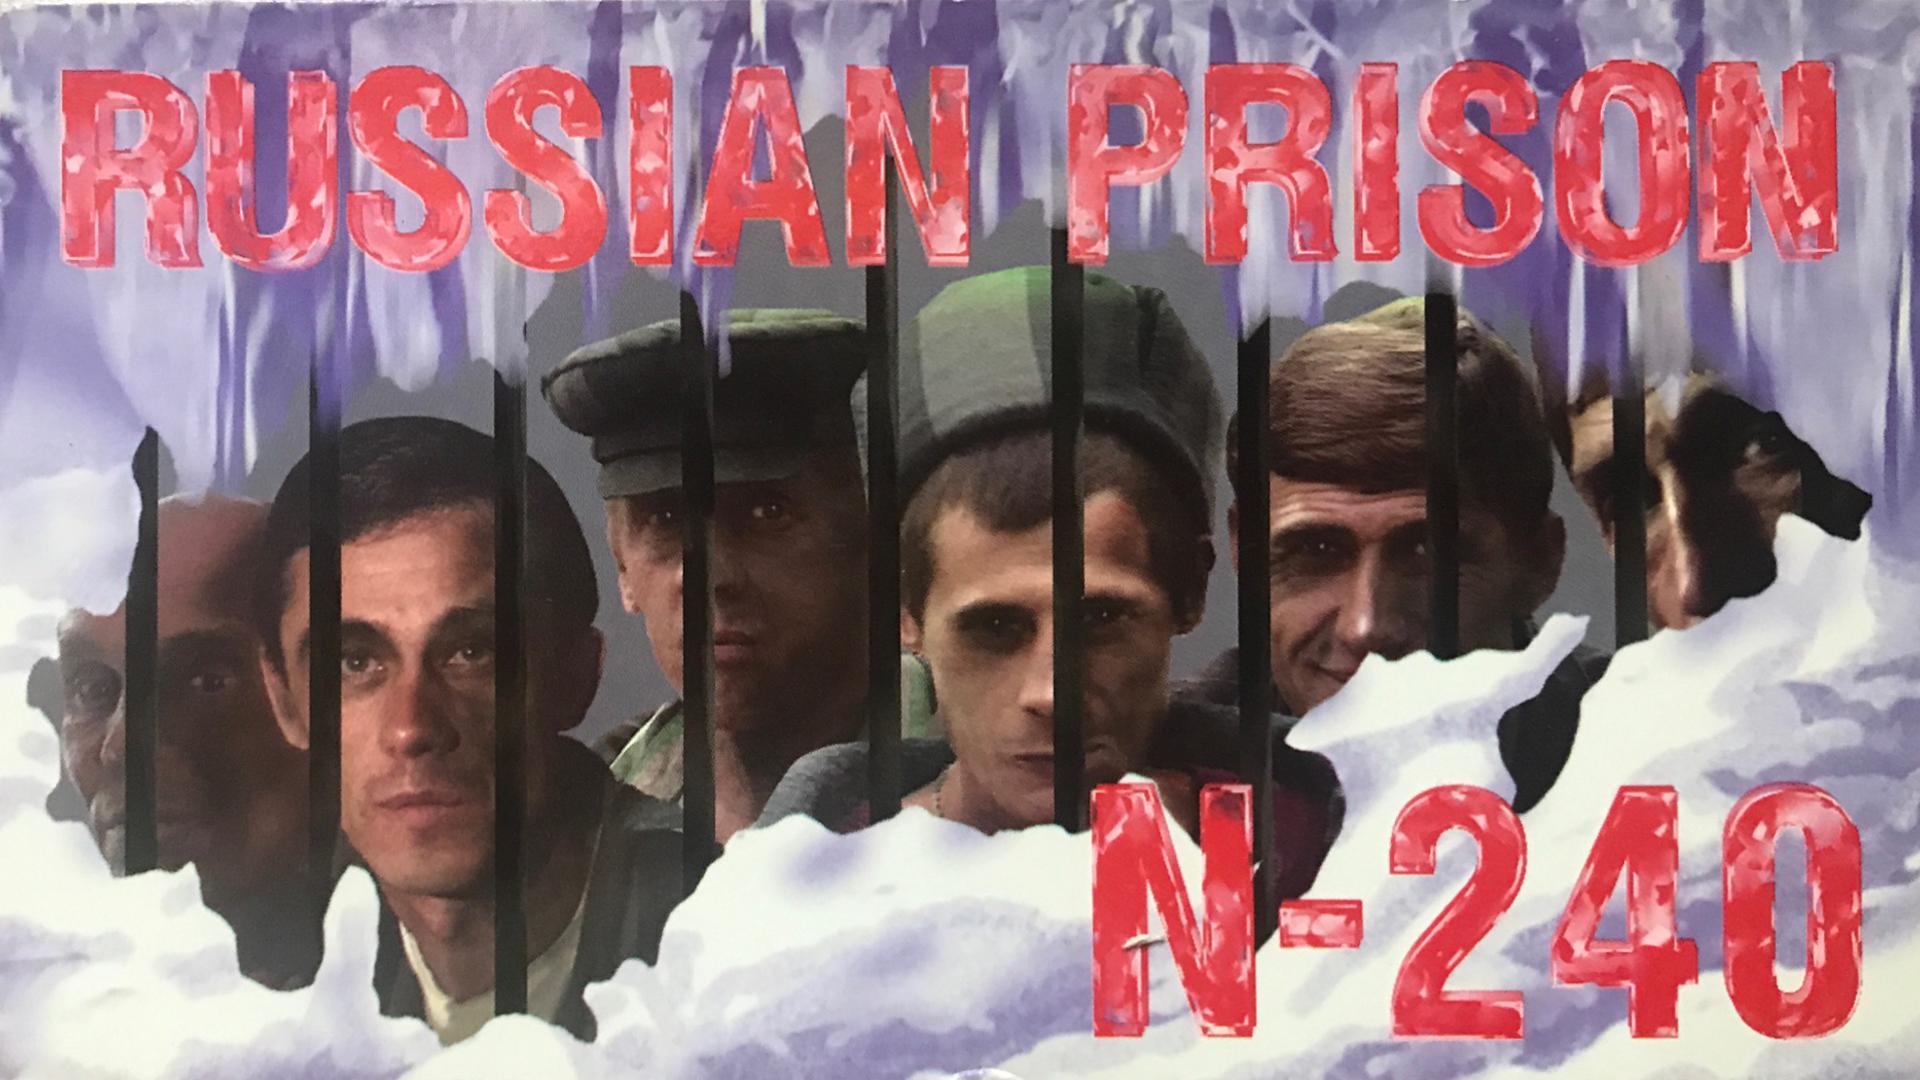 Russian Prison N-240